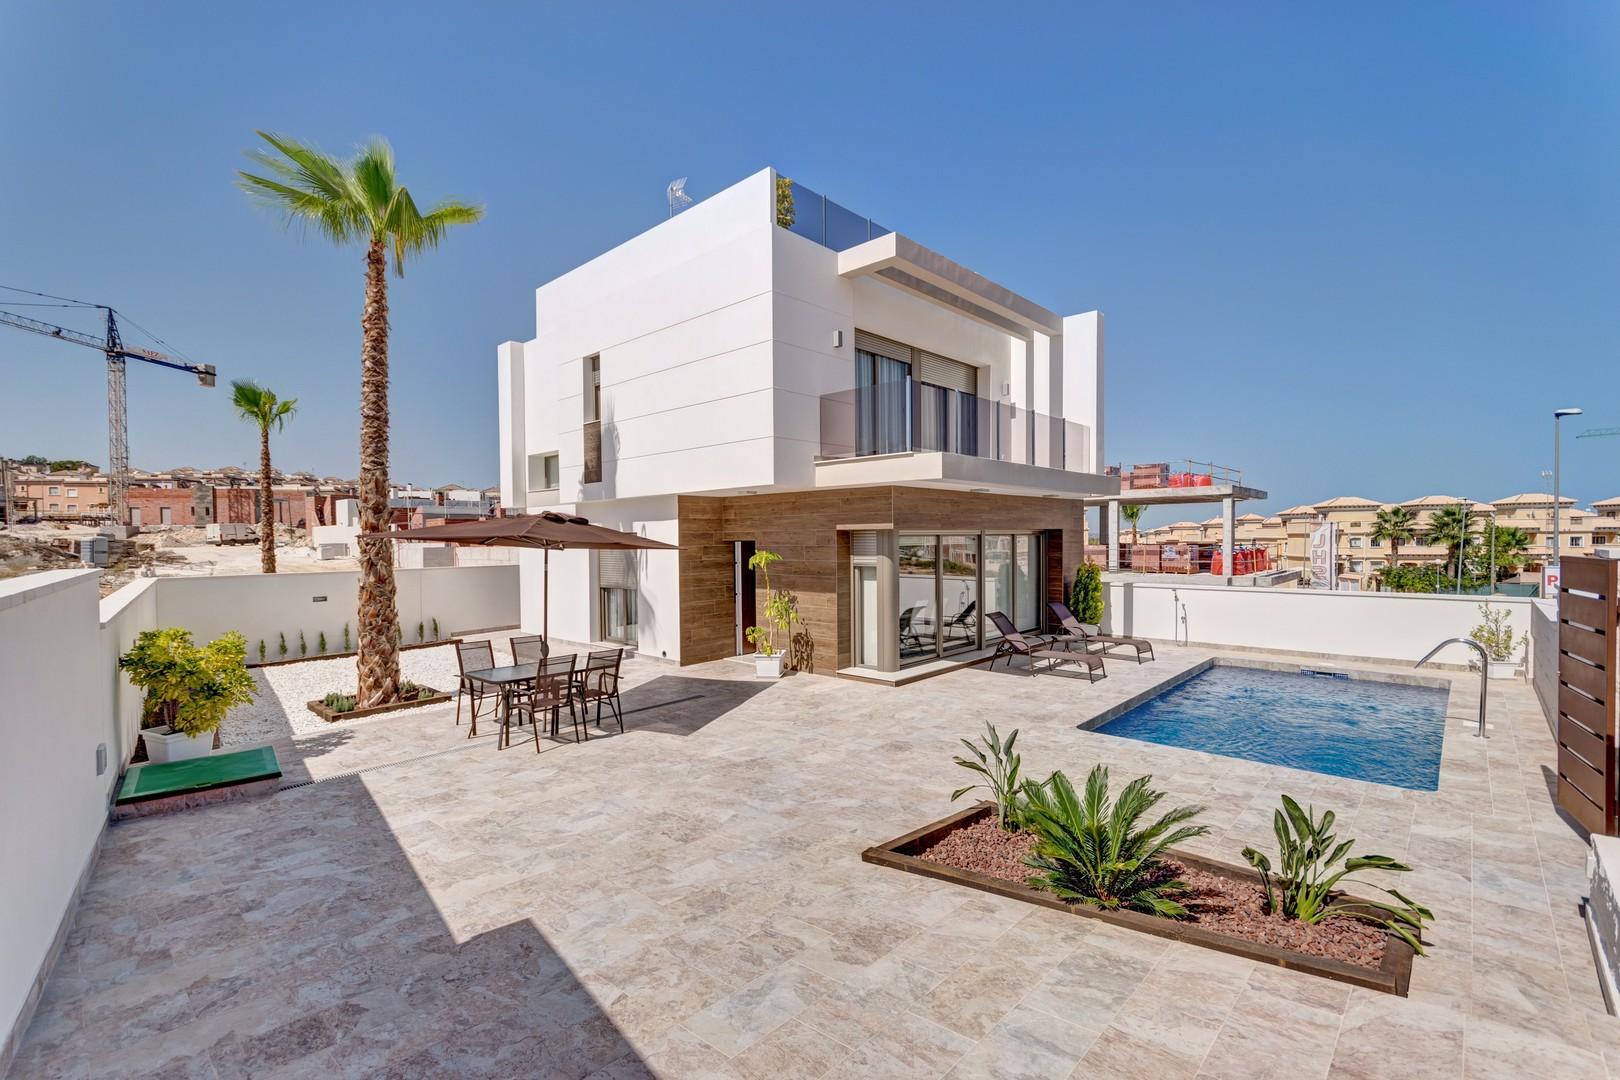 Moderne nieuwbouwvilla's met 3 slaapkamers!